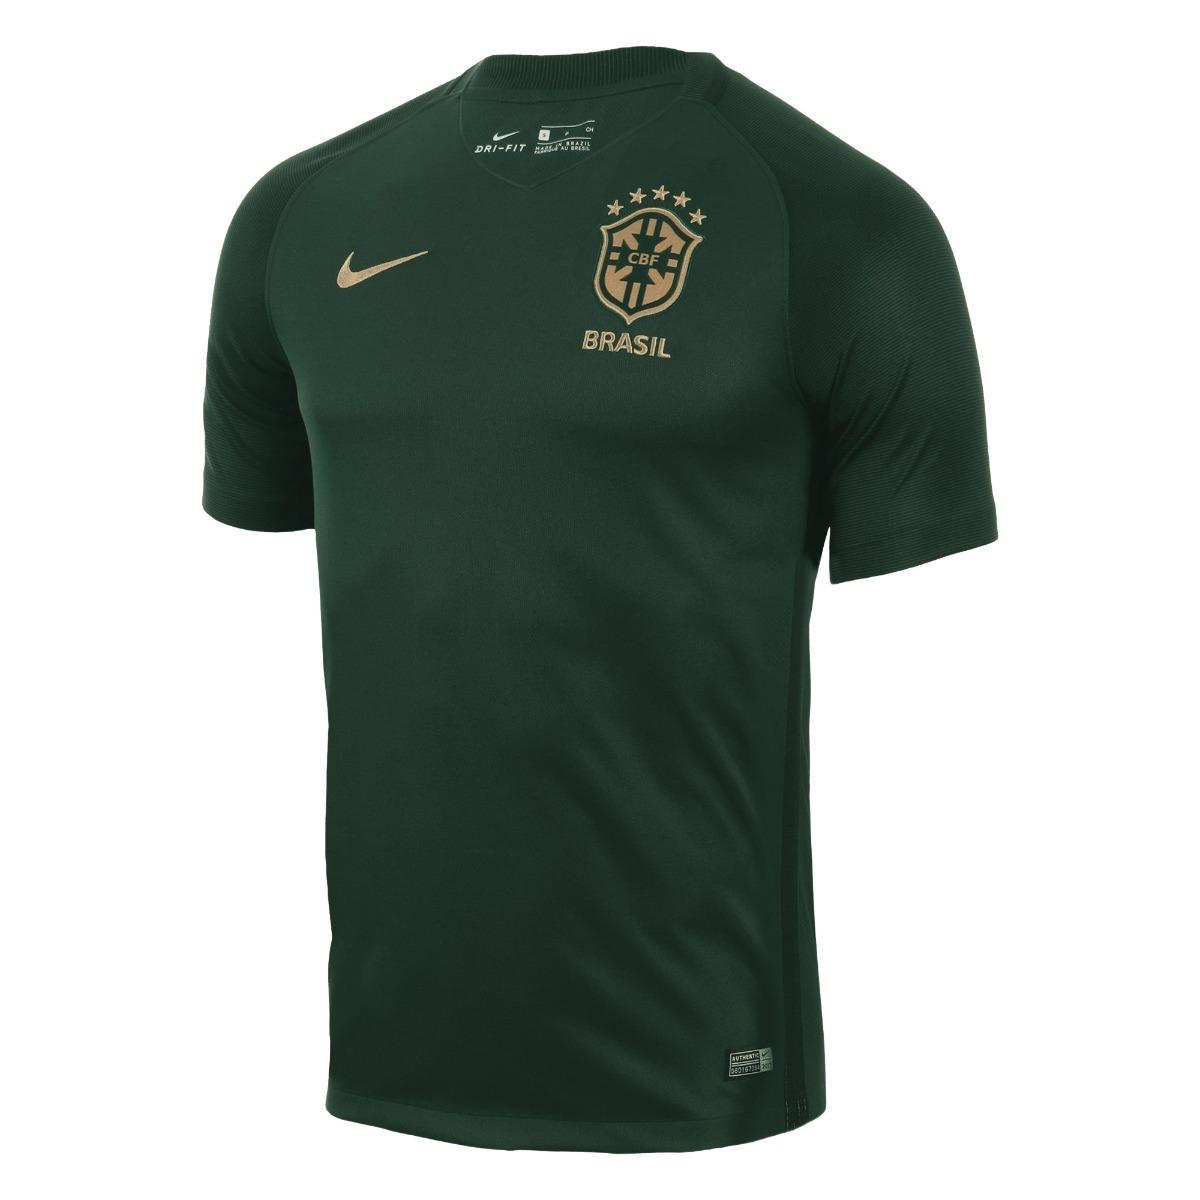 68dce6081 camisa seleção brasileira adulto copa 2018 oficial nike. Carregando zoom.